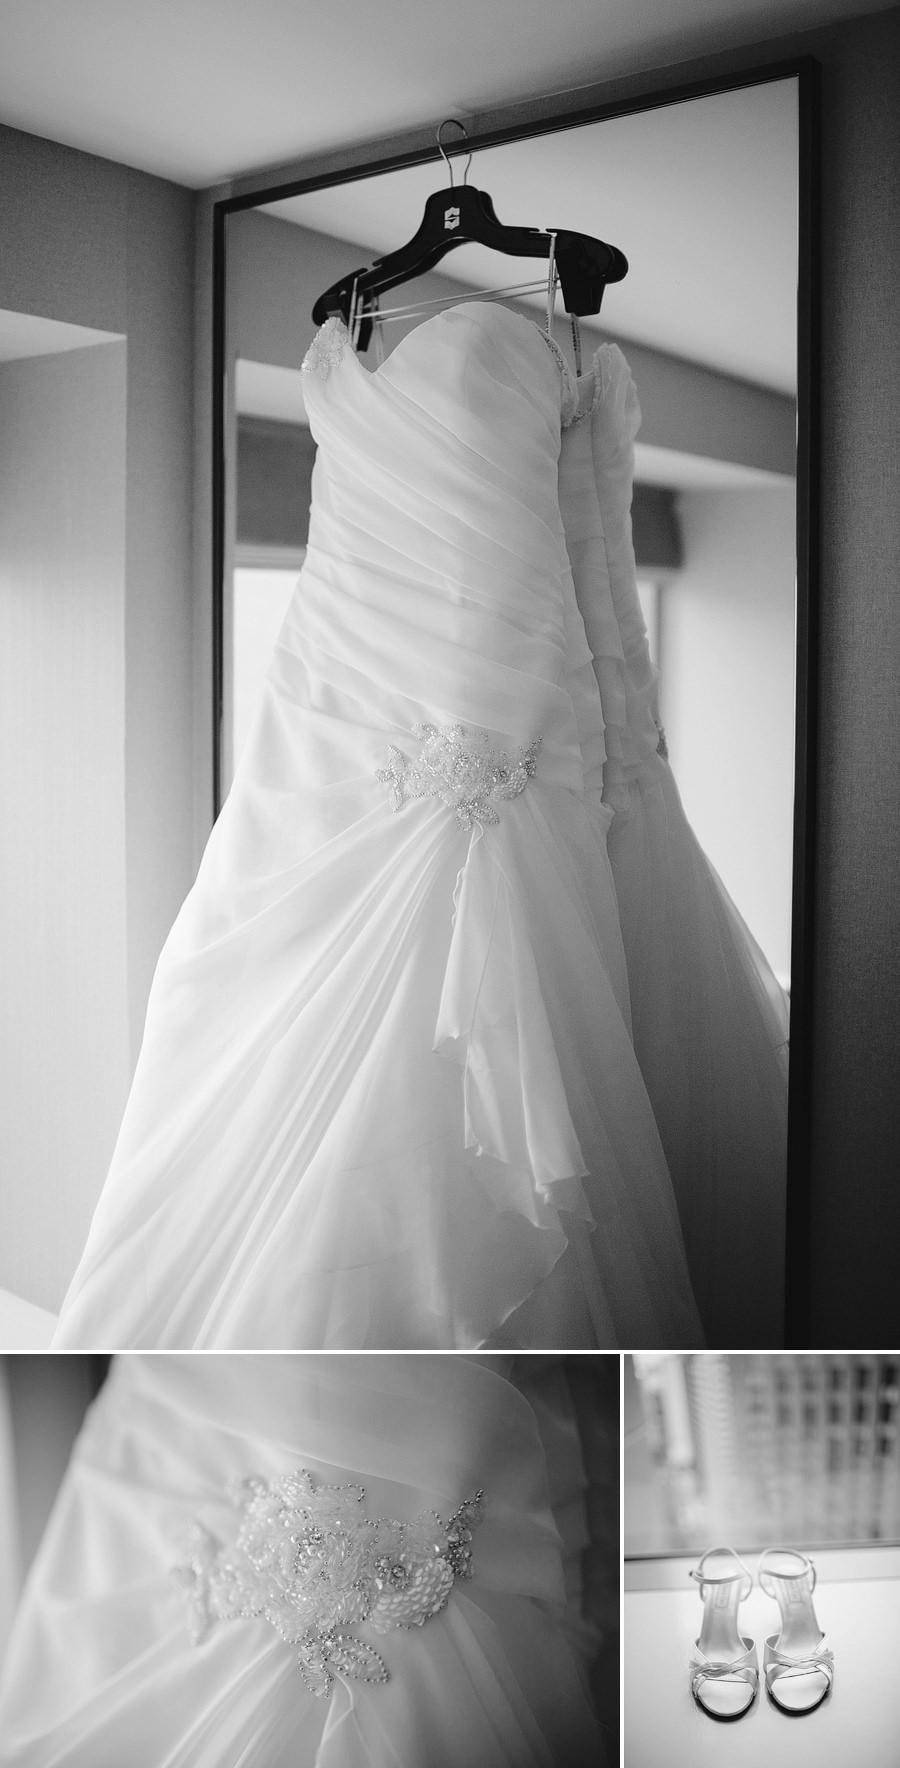 Sydney Wedding Photographers: Dress & shoes